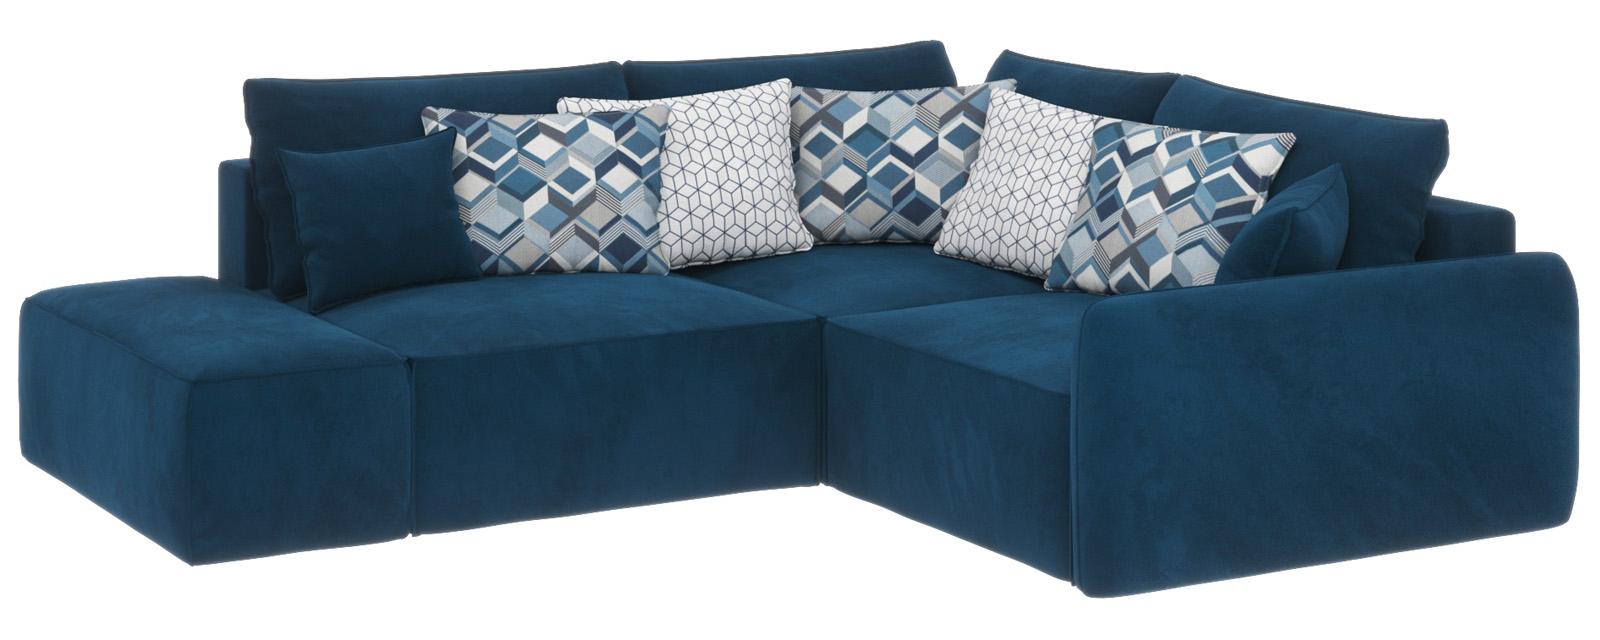 Купить Модульный диван Портленд вариант №1 Premier светло-синий (Микровелюр, правый), HomeMe, Светло-синий